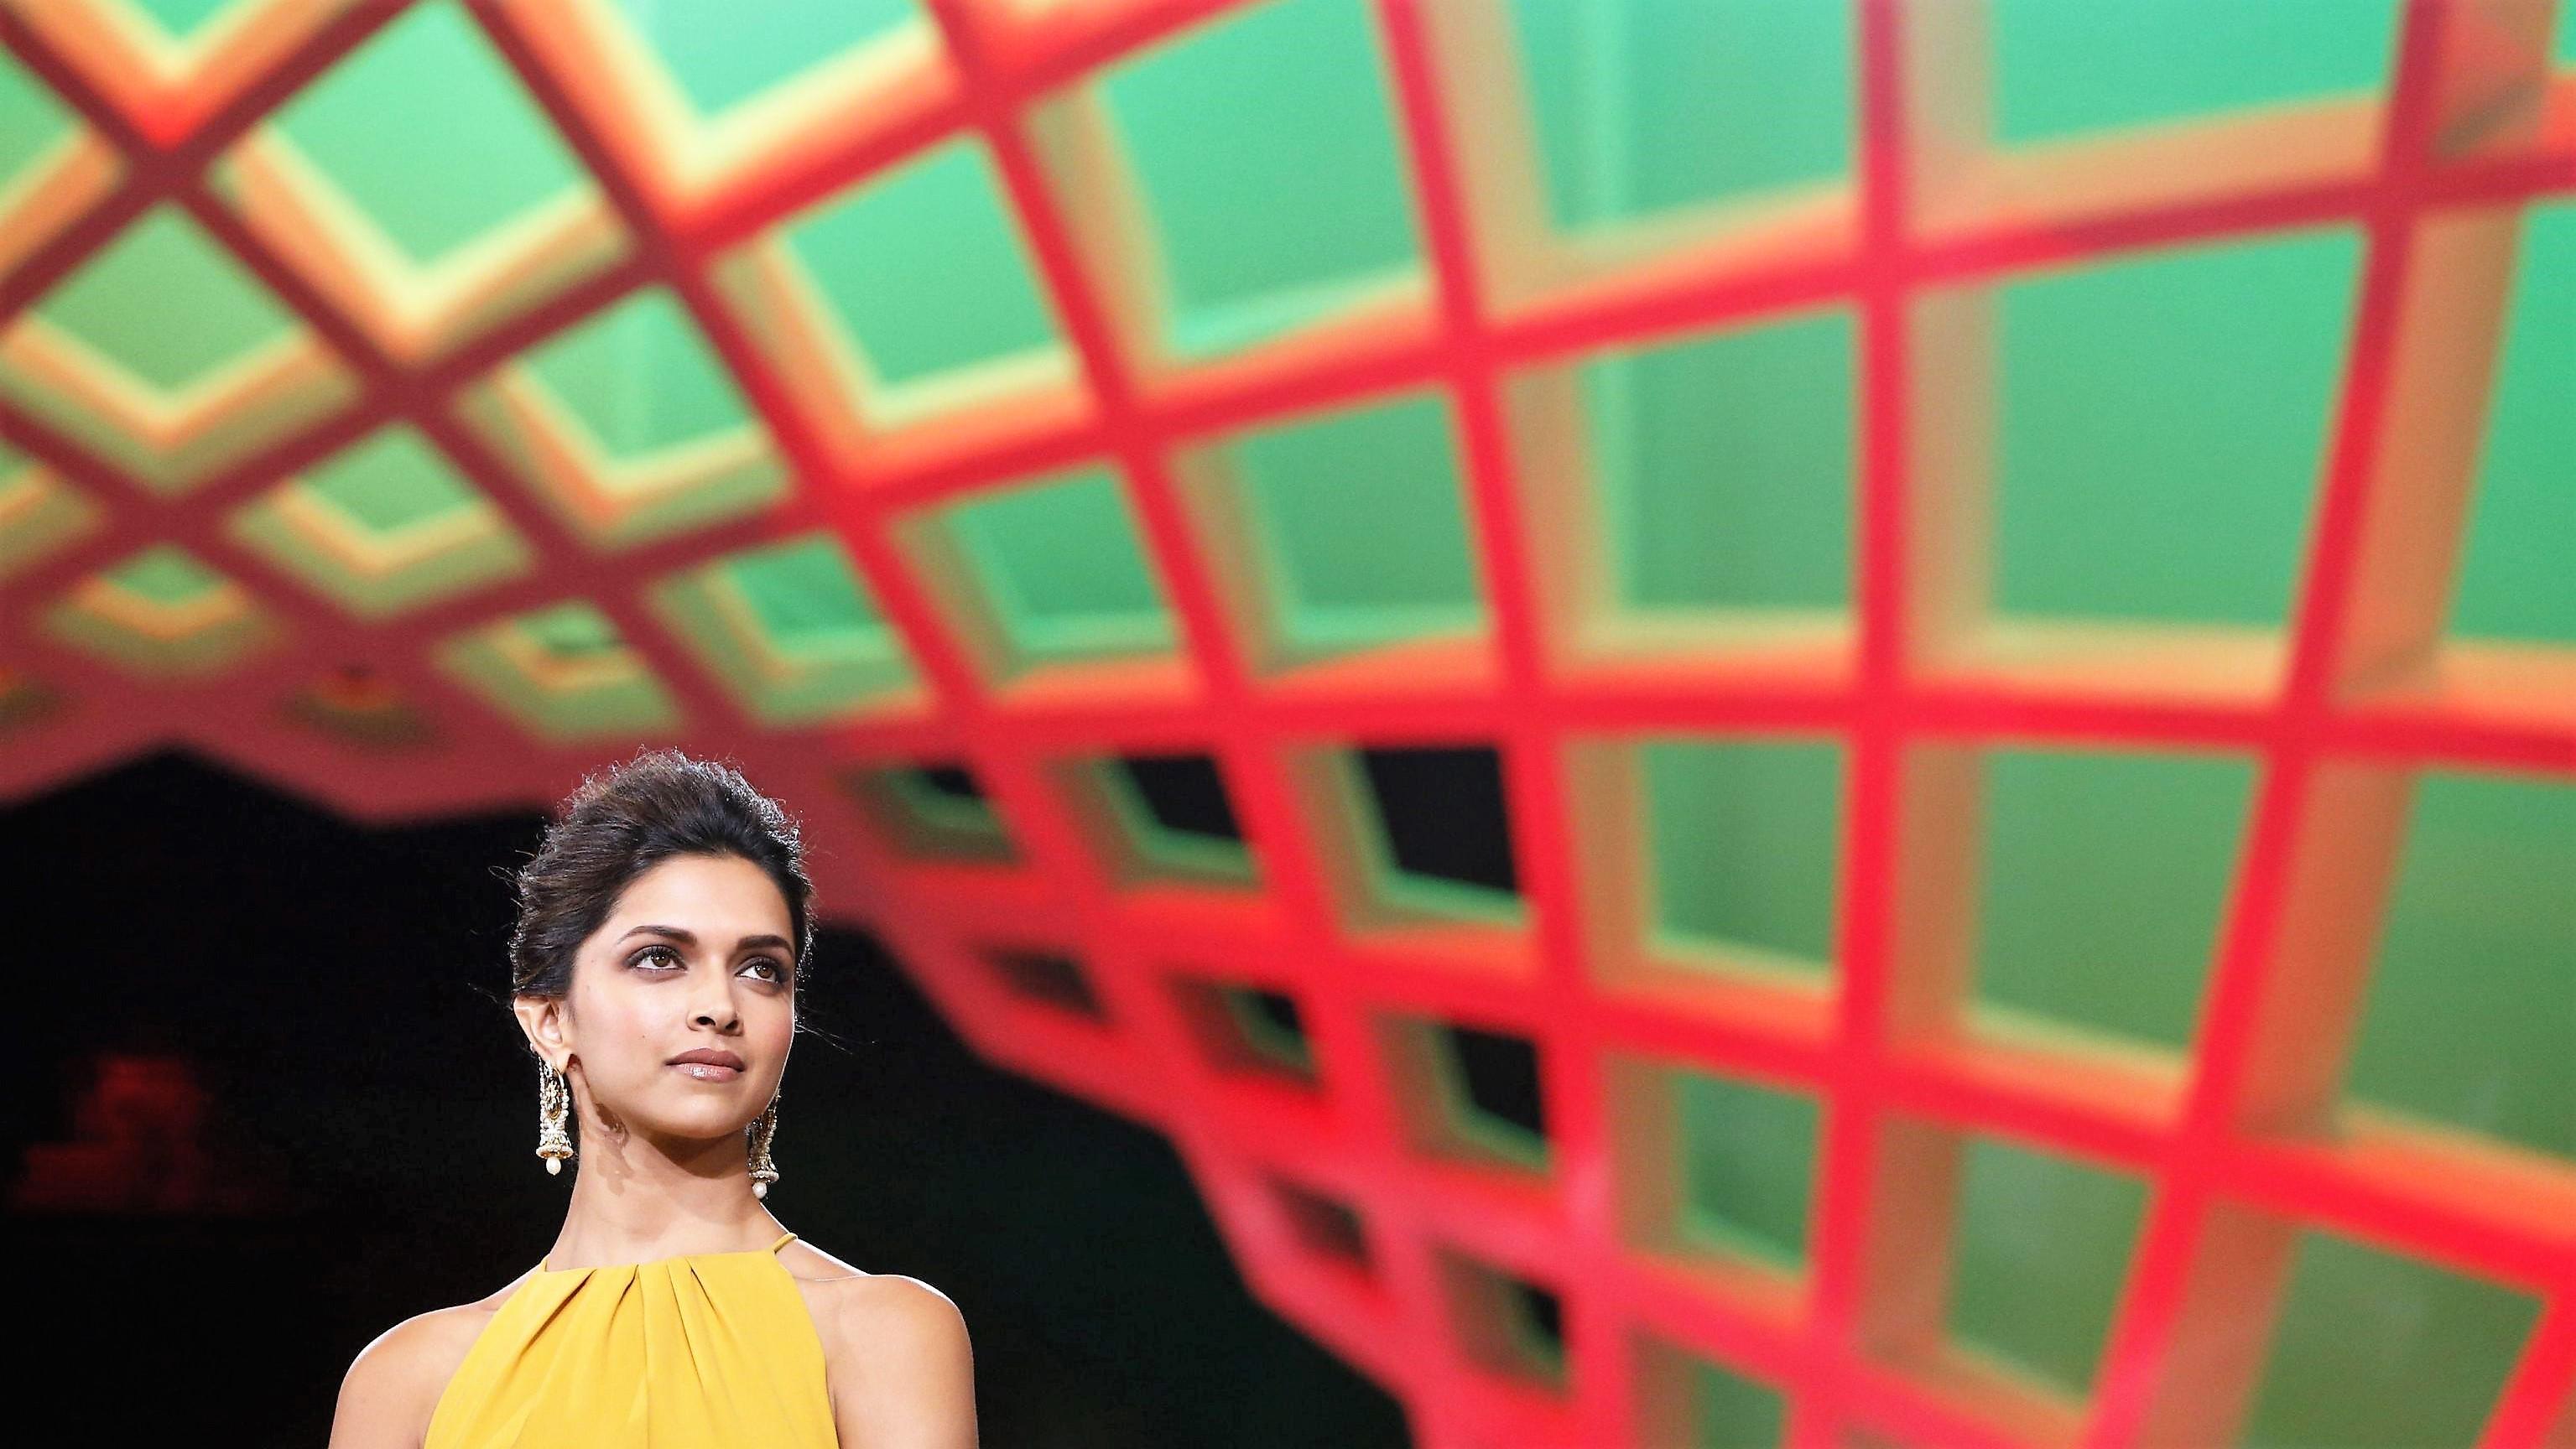 India, offerte 10 milioni di rupie per bruciare viva la protagonista di un film